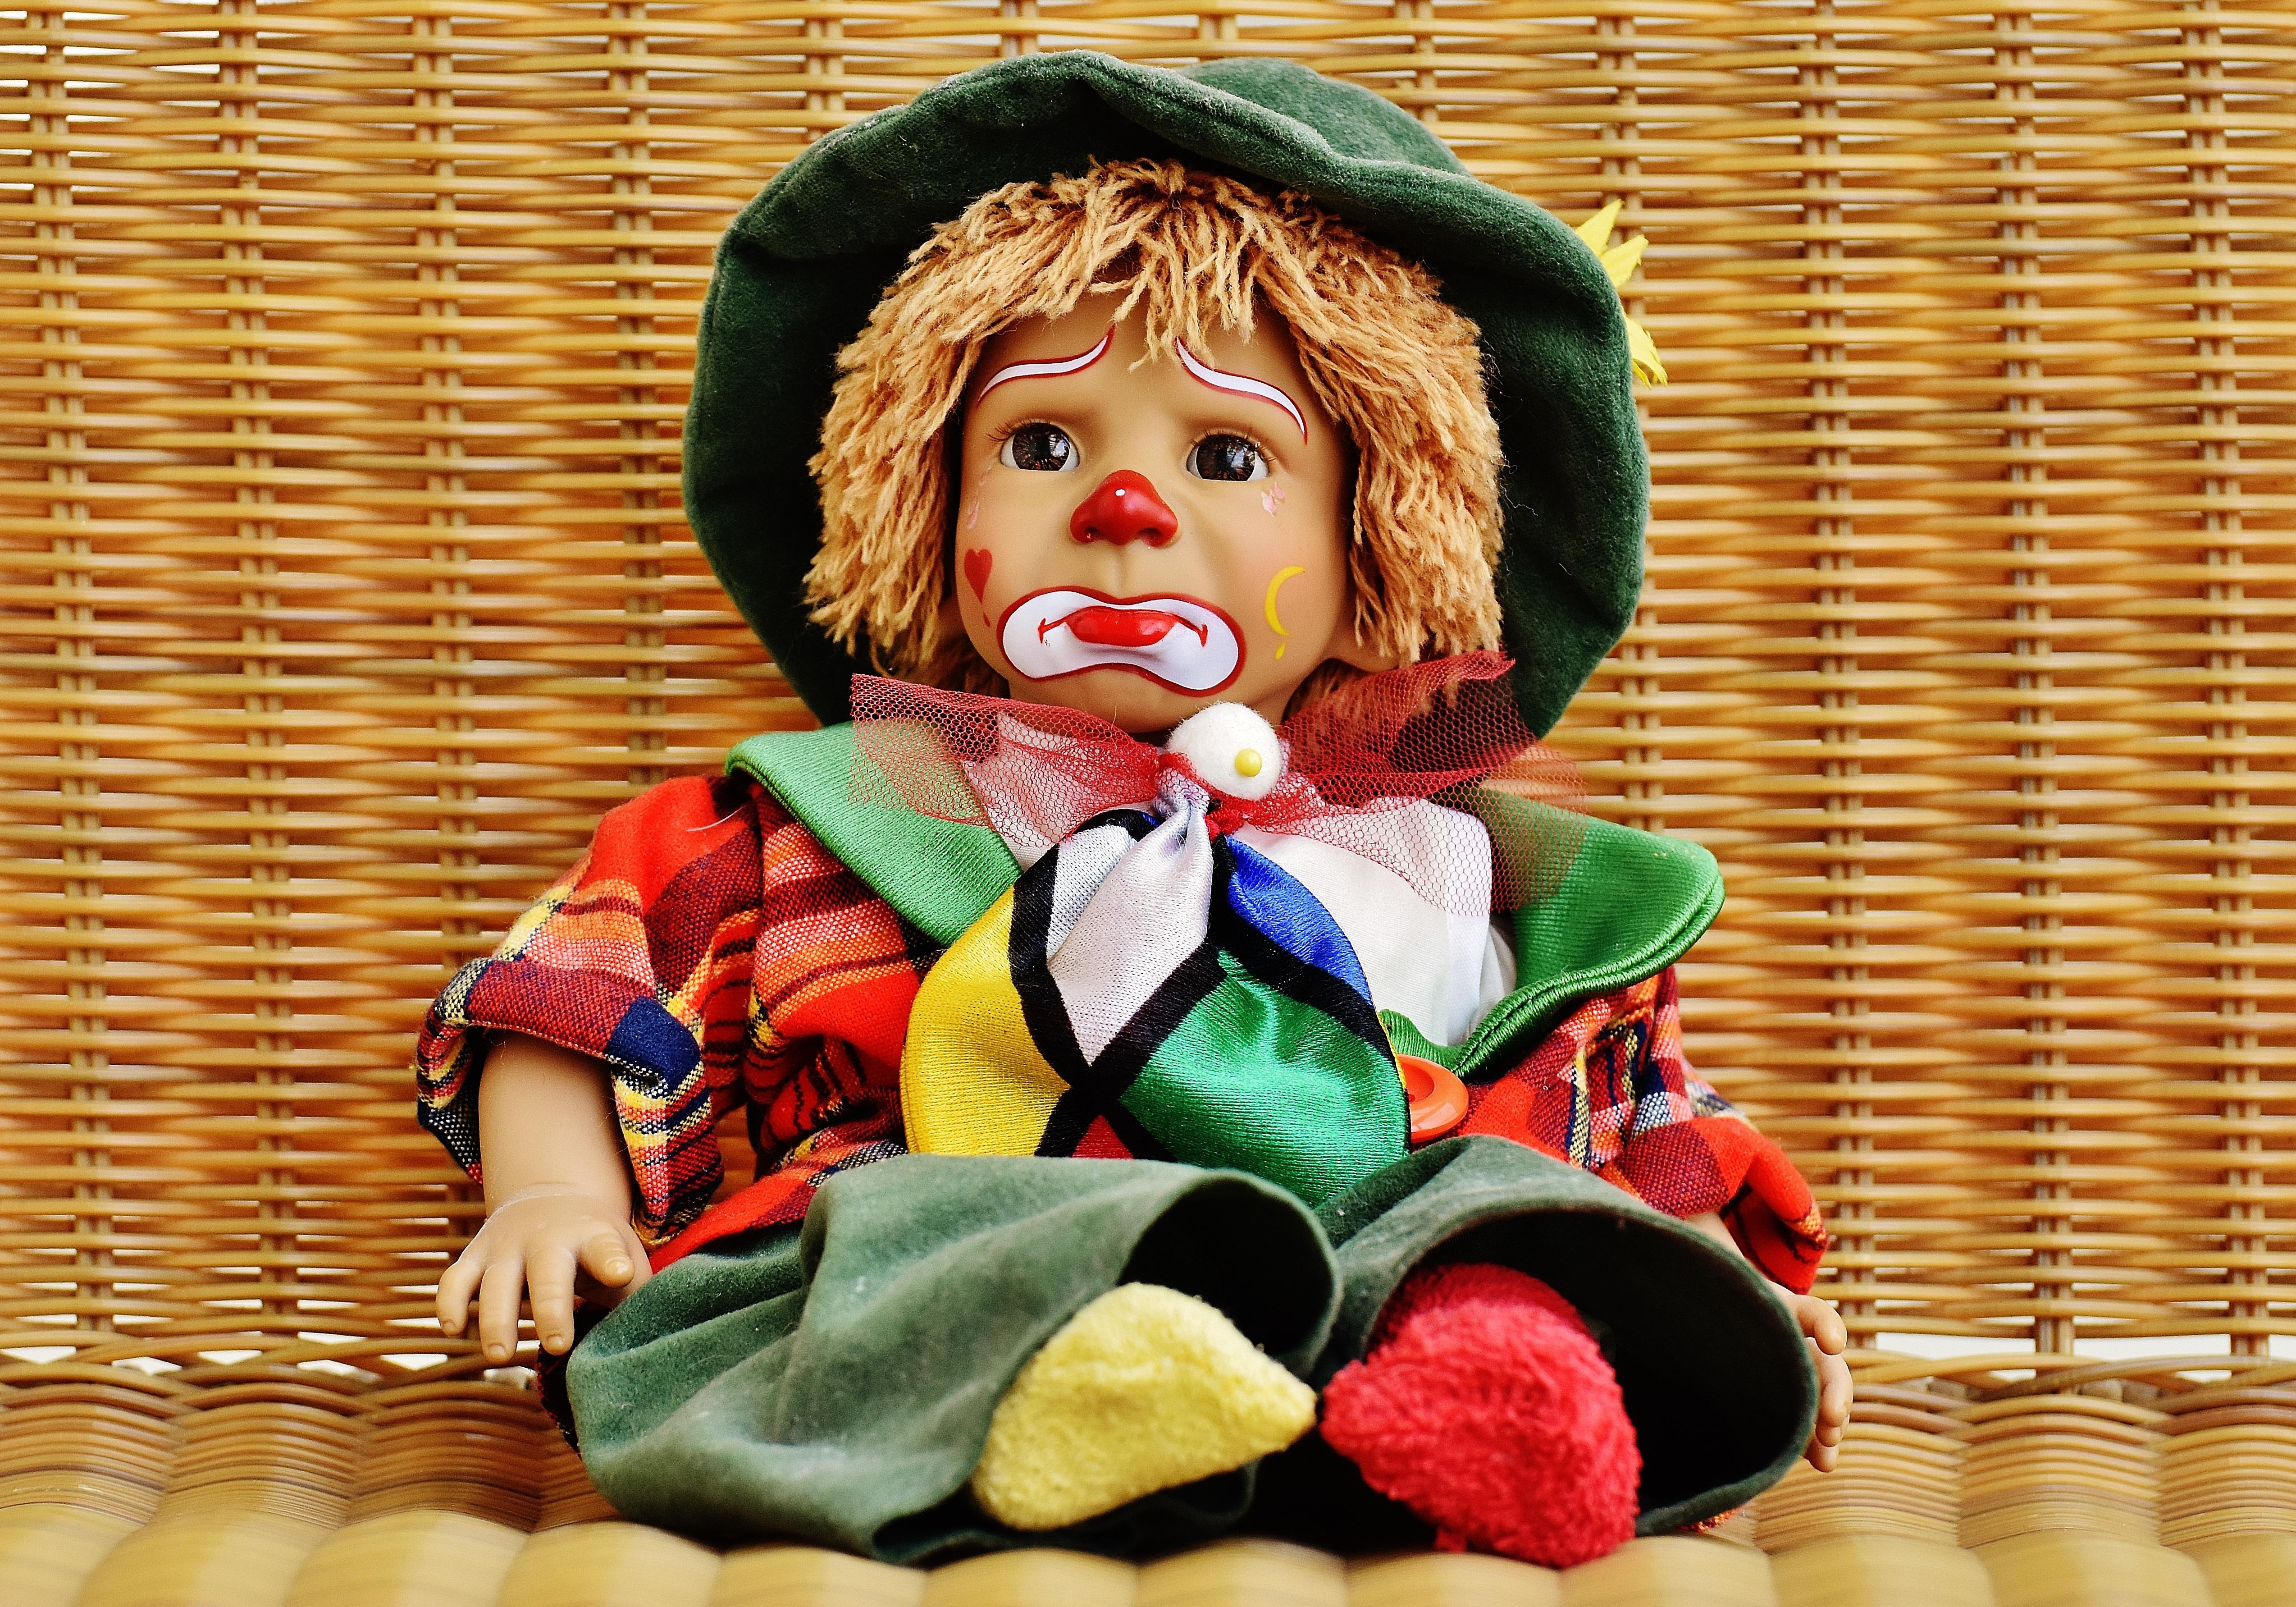 Картинка для детей грустная кукла